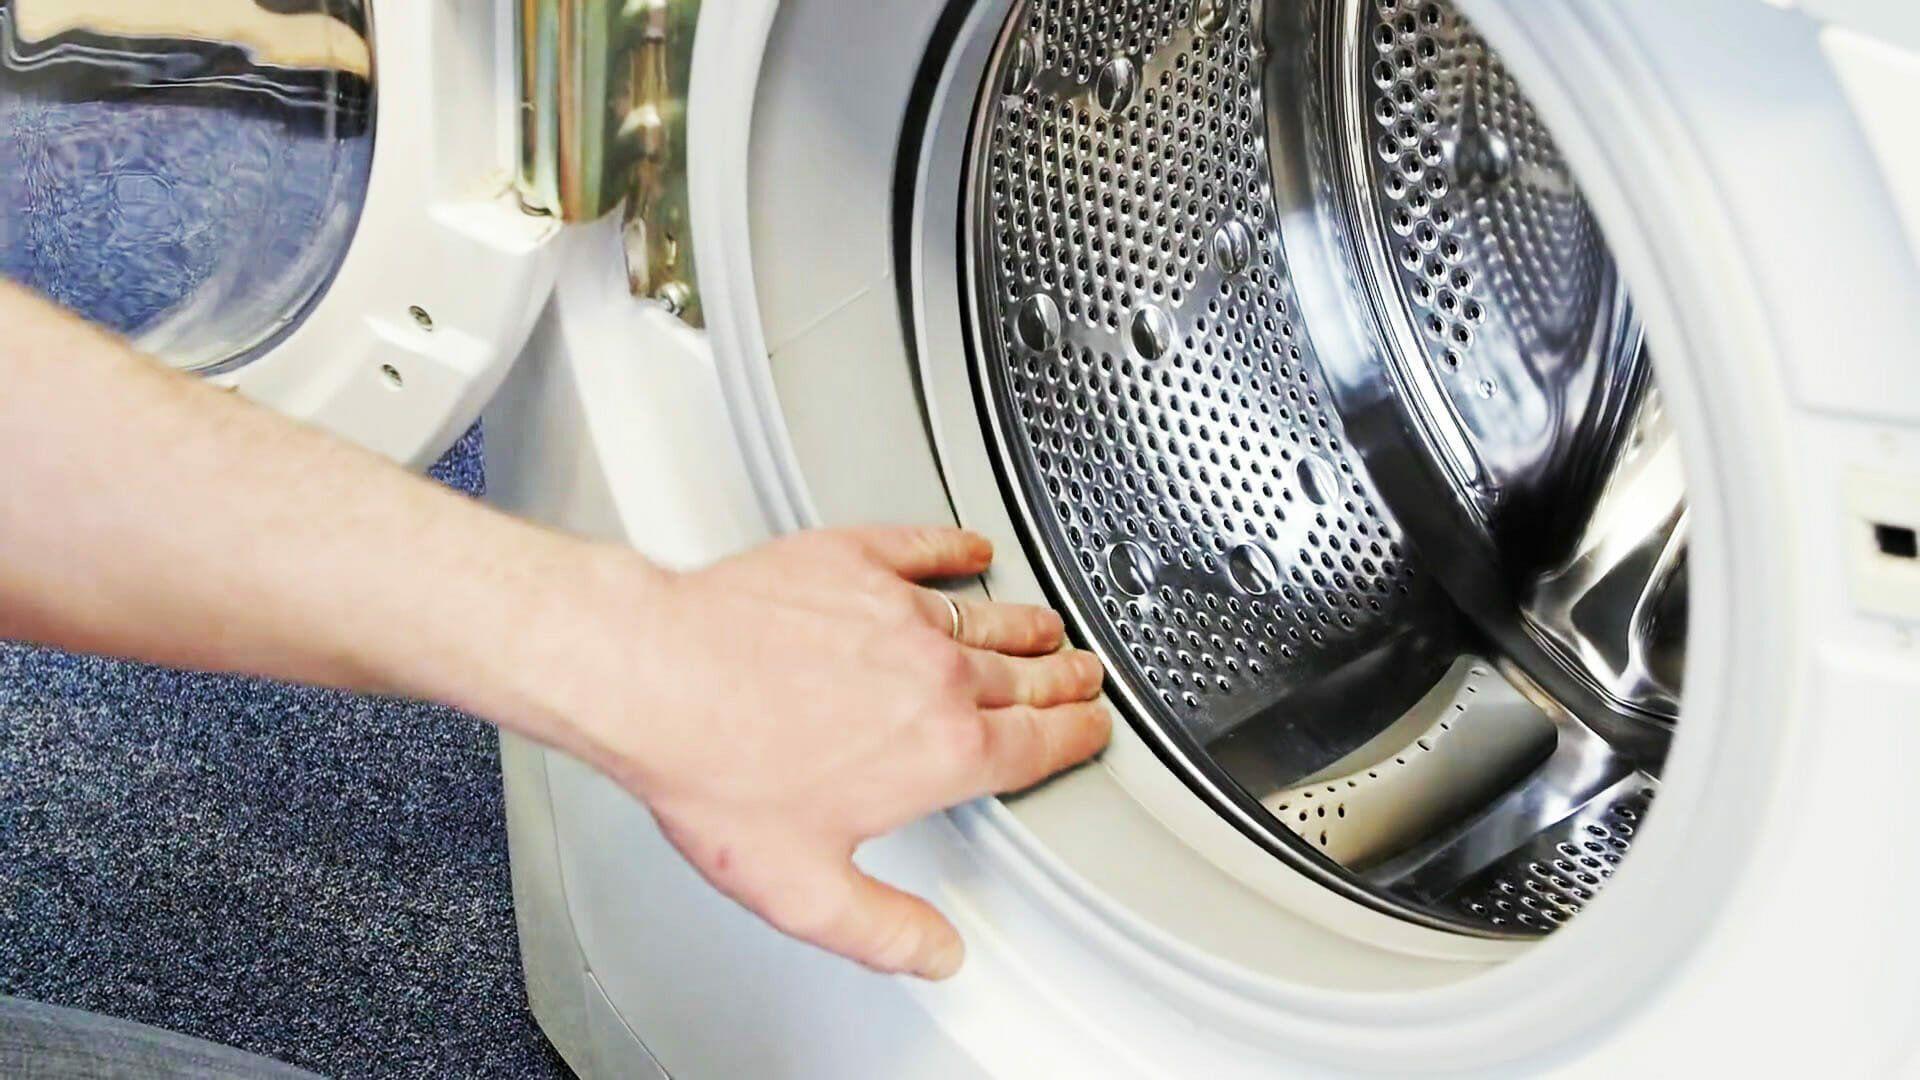 Pesukoneen kauluskumin puhdistus